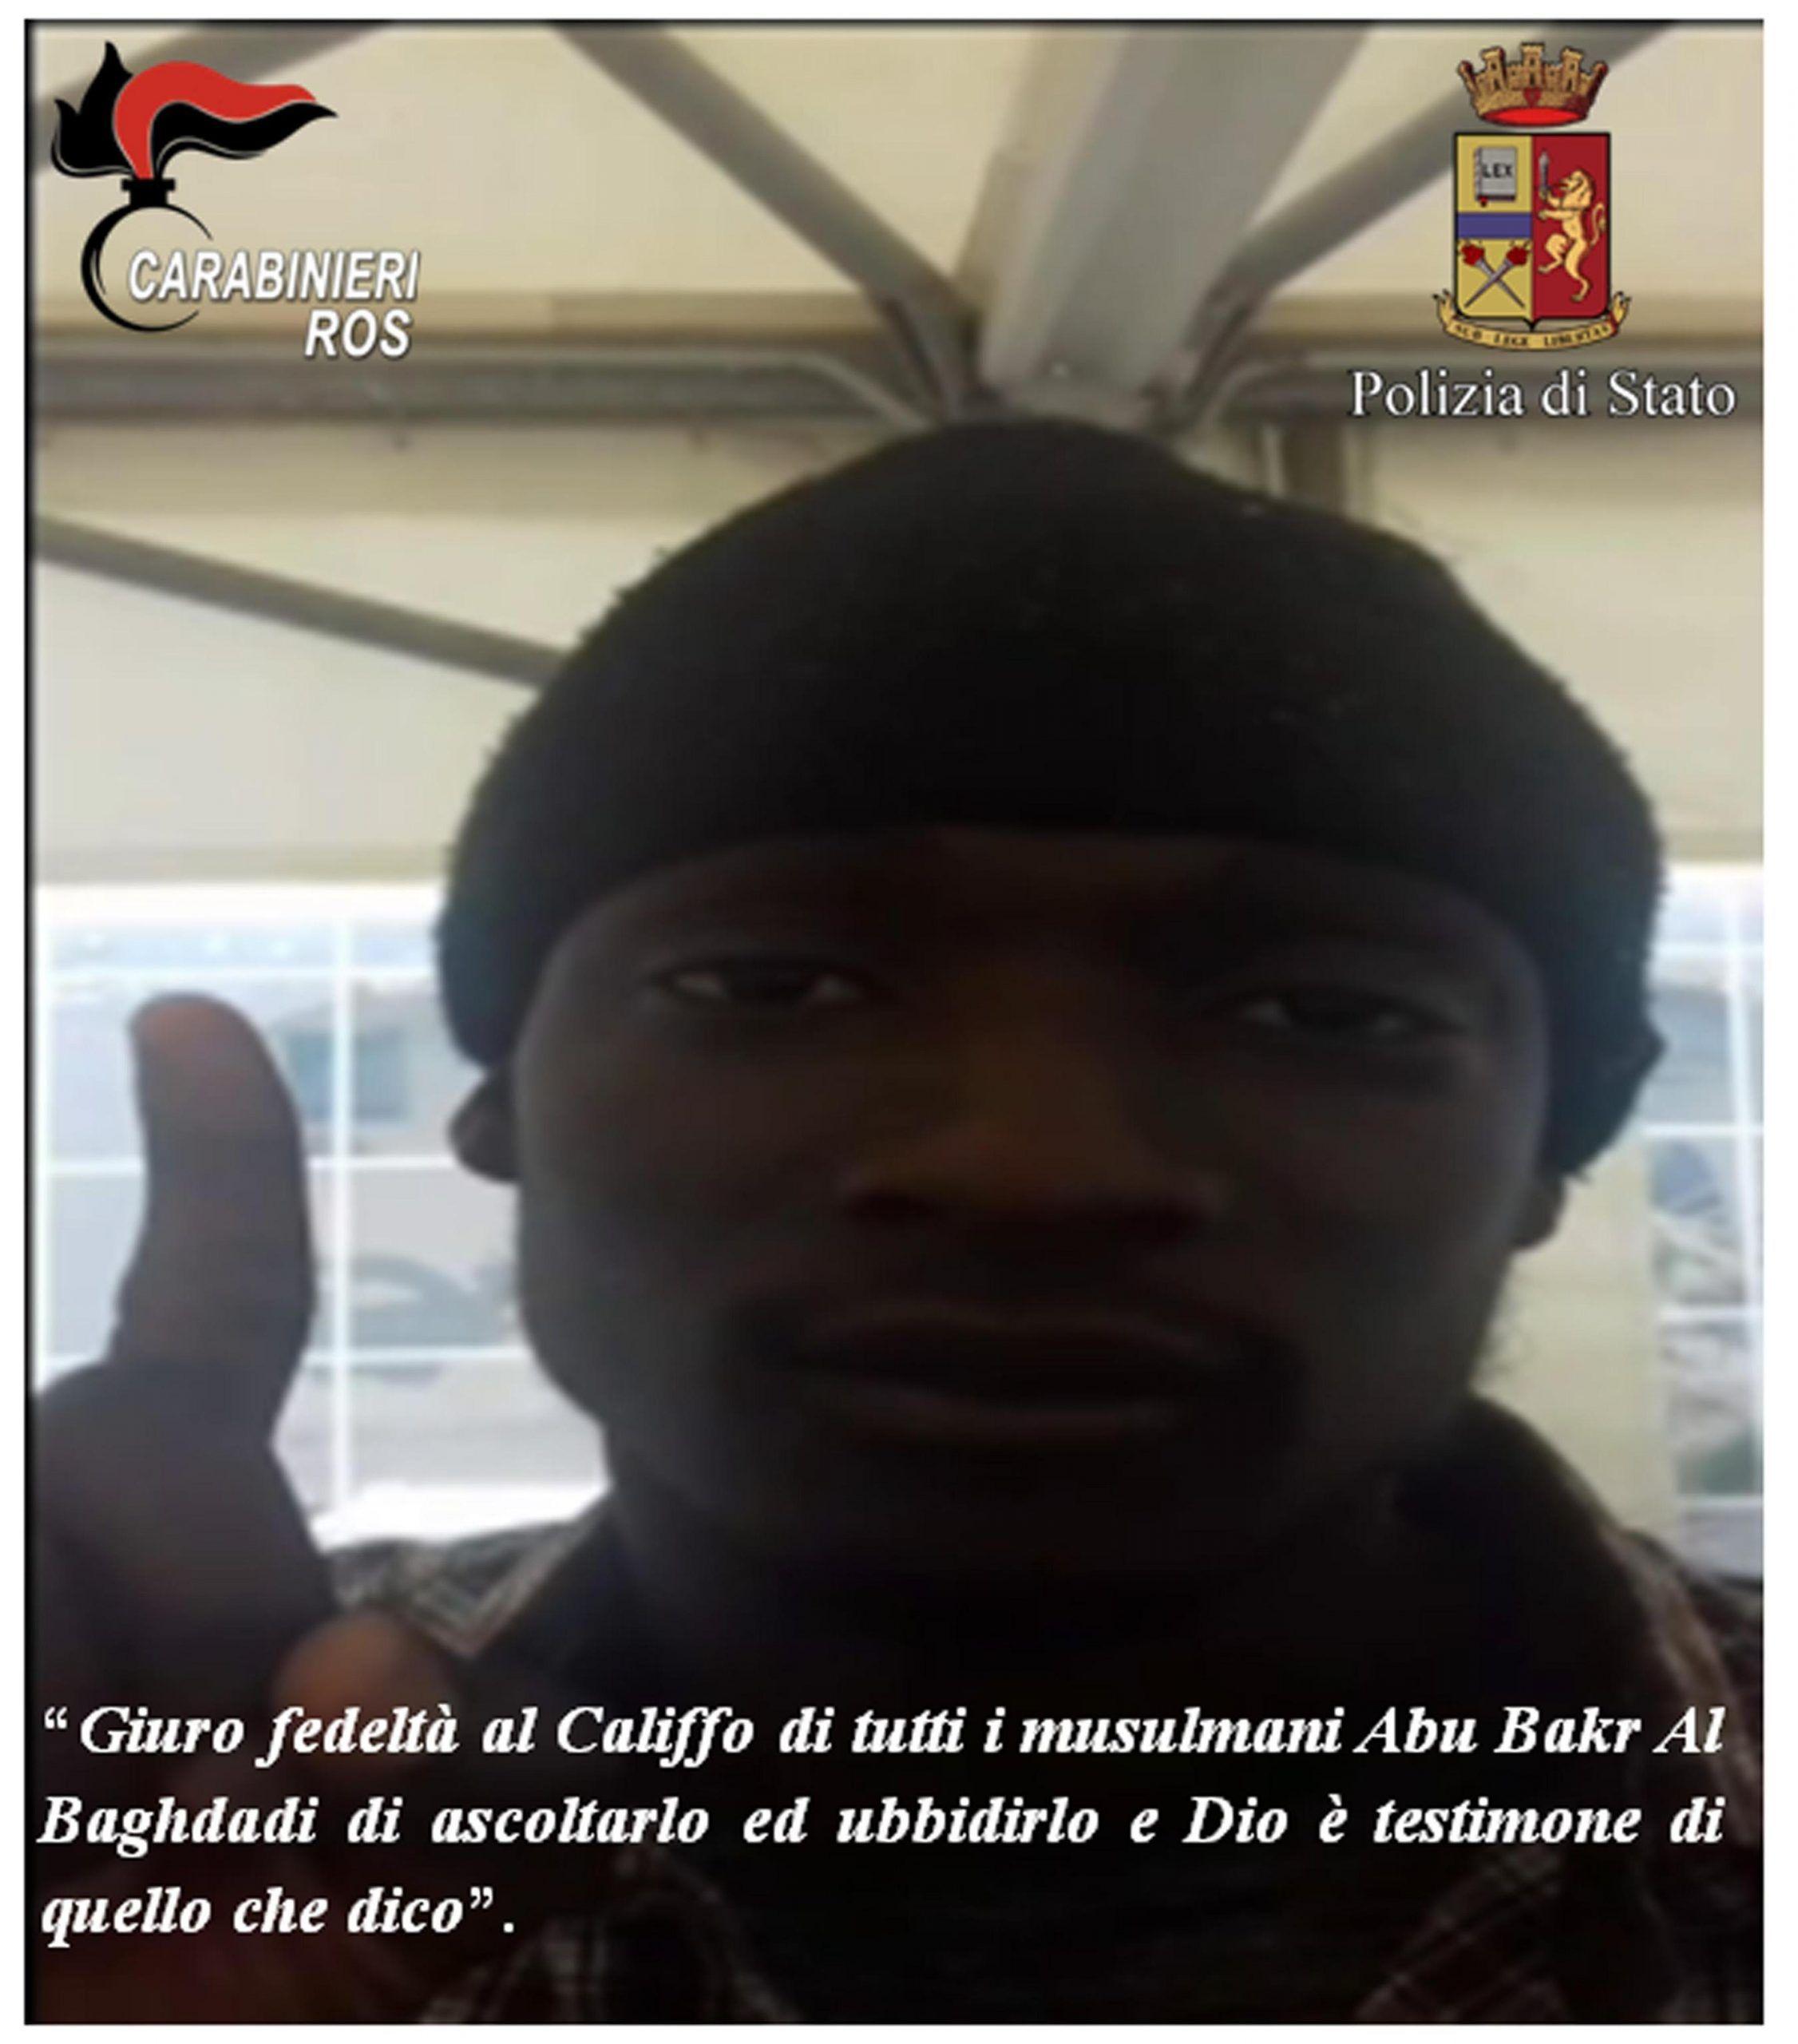 Terrorismo, arrestato migrante del Gambia, 'dovevo lanciarmi con auto sulla folla'